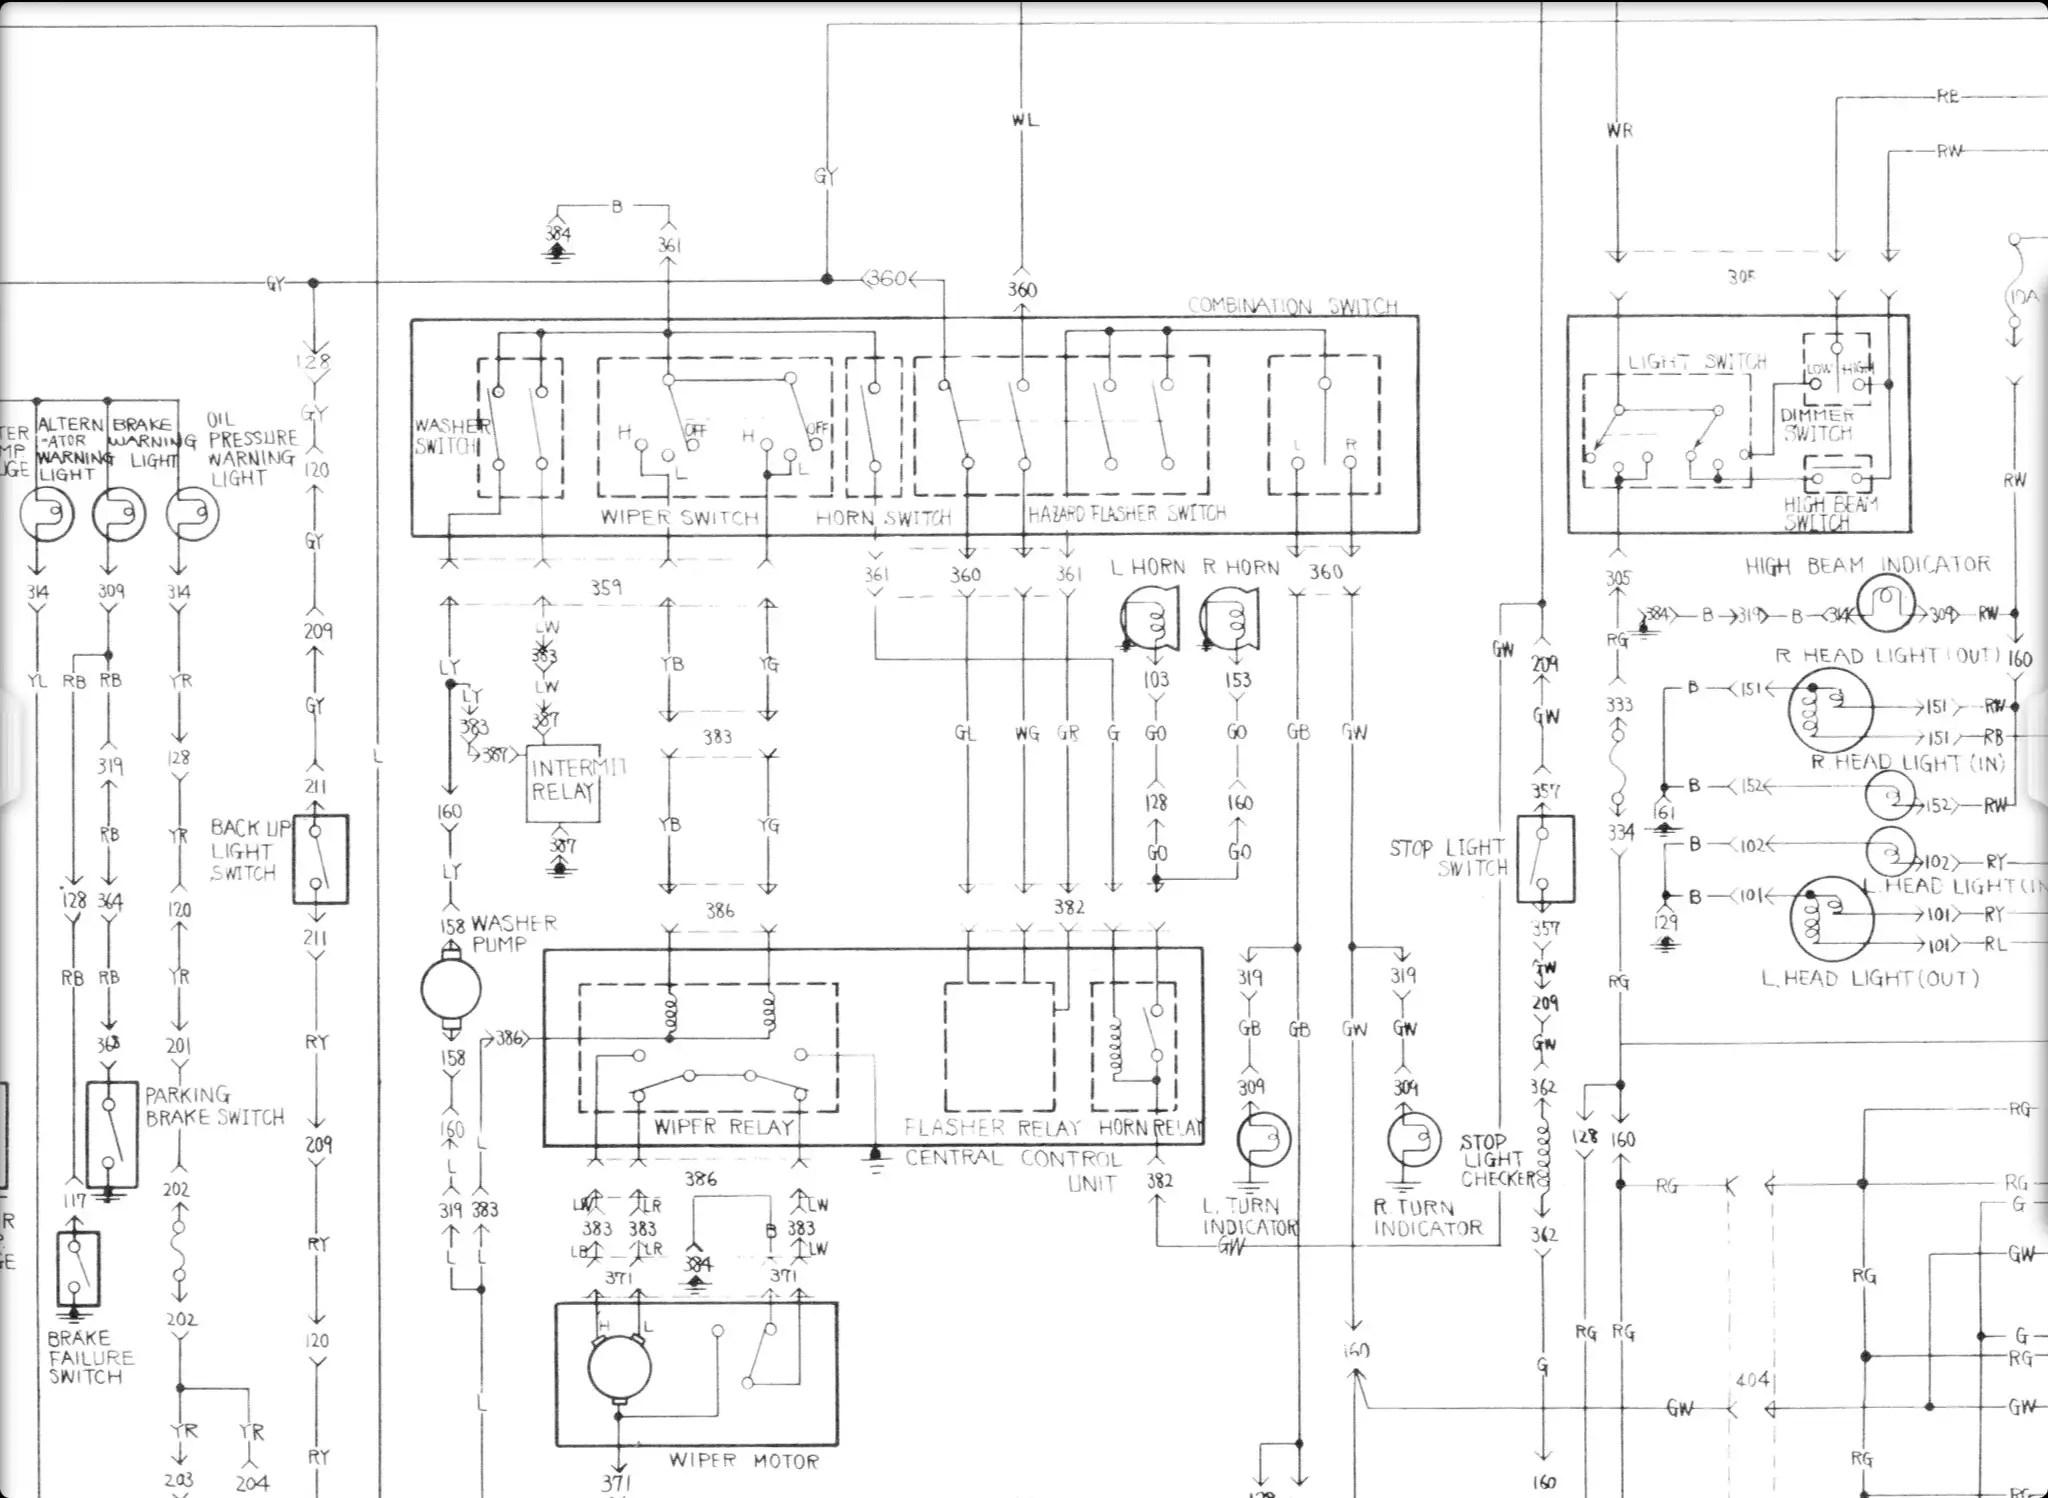 Holden Vs Ute Wiring Diagram